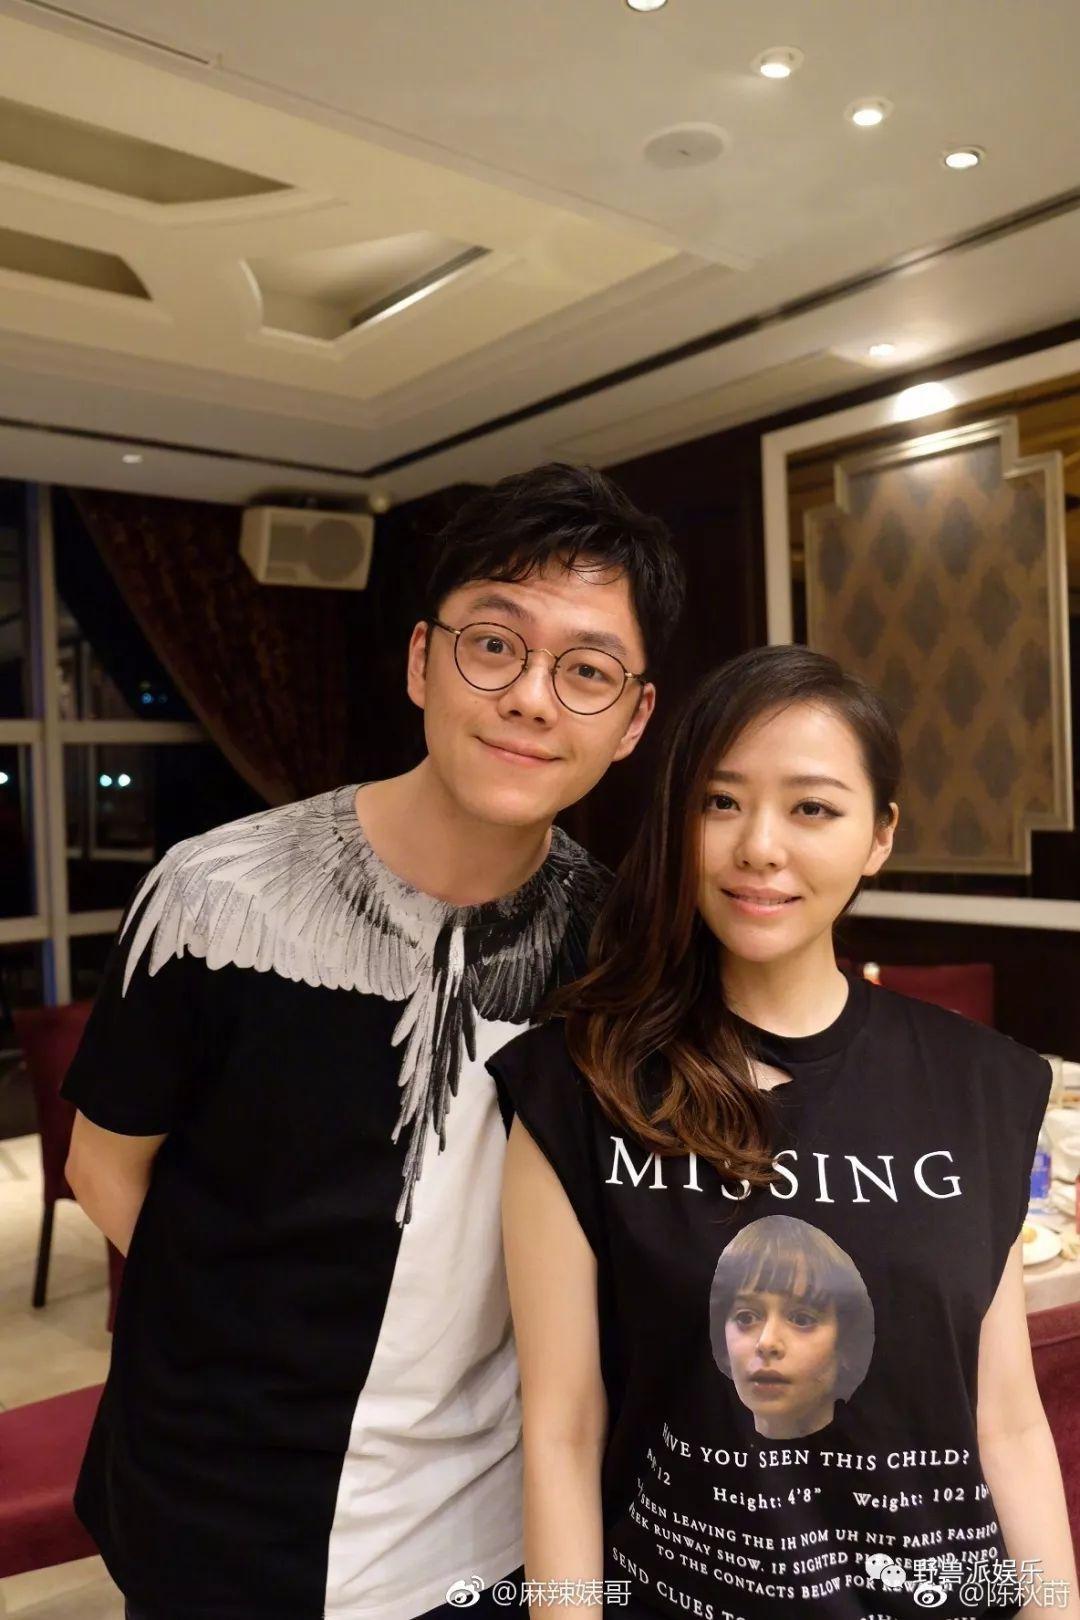 Họa mi Trung Quốc lộ ảnh ngoại tình sau 1 năm ngày cưới, tiểu tam trớ trêu thay lại là phù rể - Ảnh 4.